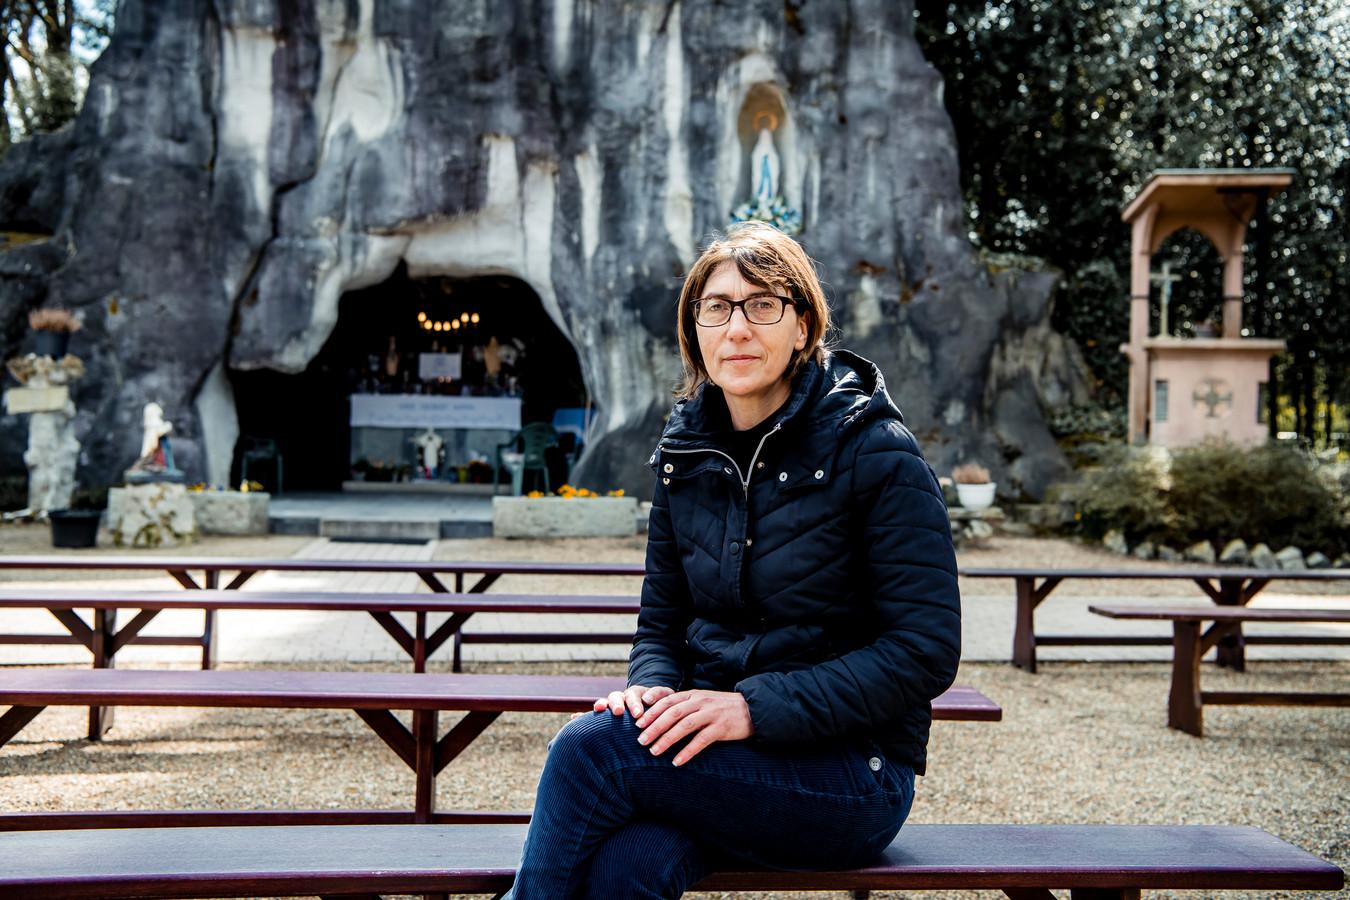 Angela Abbruzzes (49), bezoekster aan de grot.